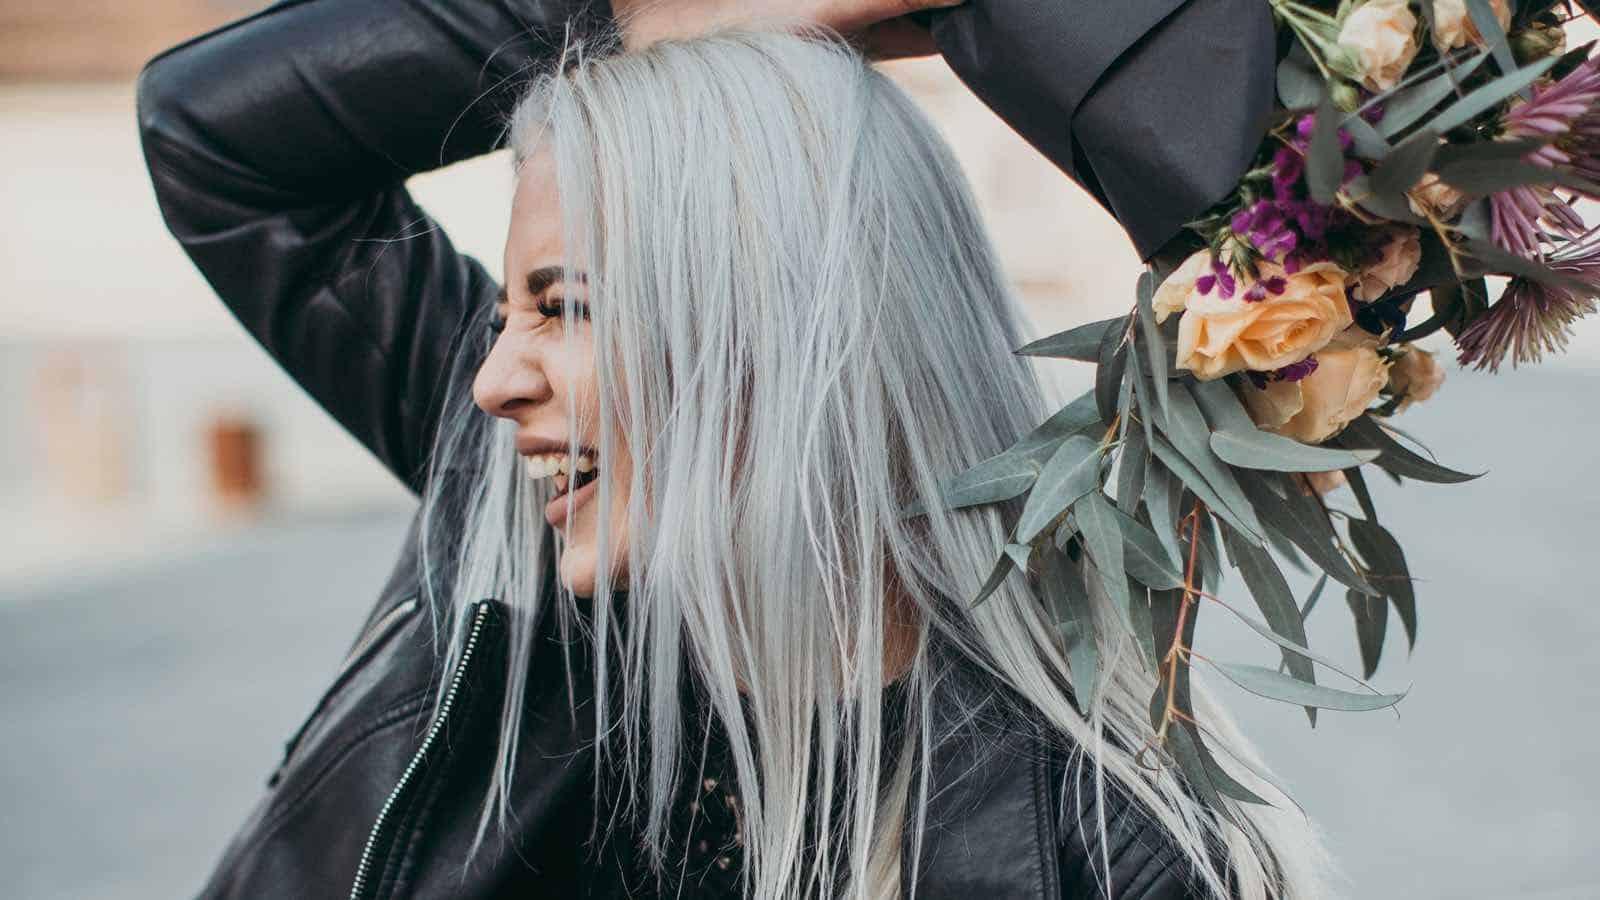 Graue Haare rauswachsen lassen- Wie funktioniert es am besten?